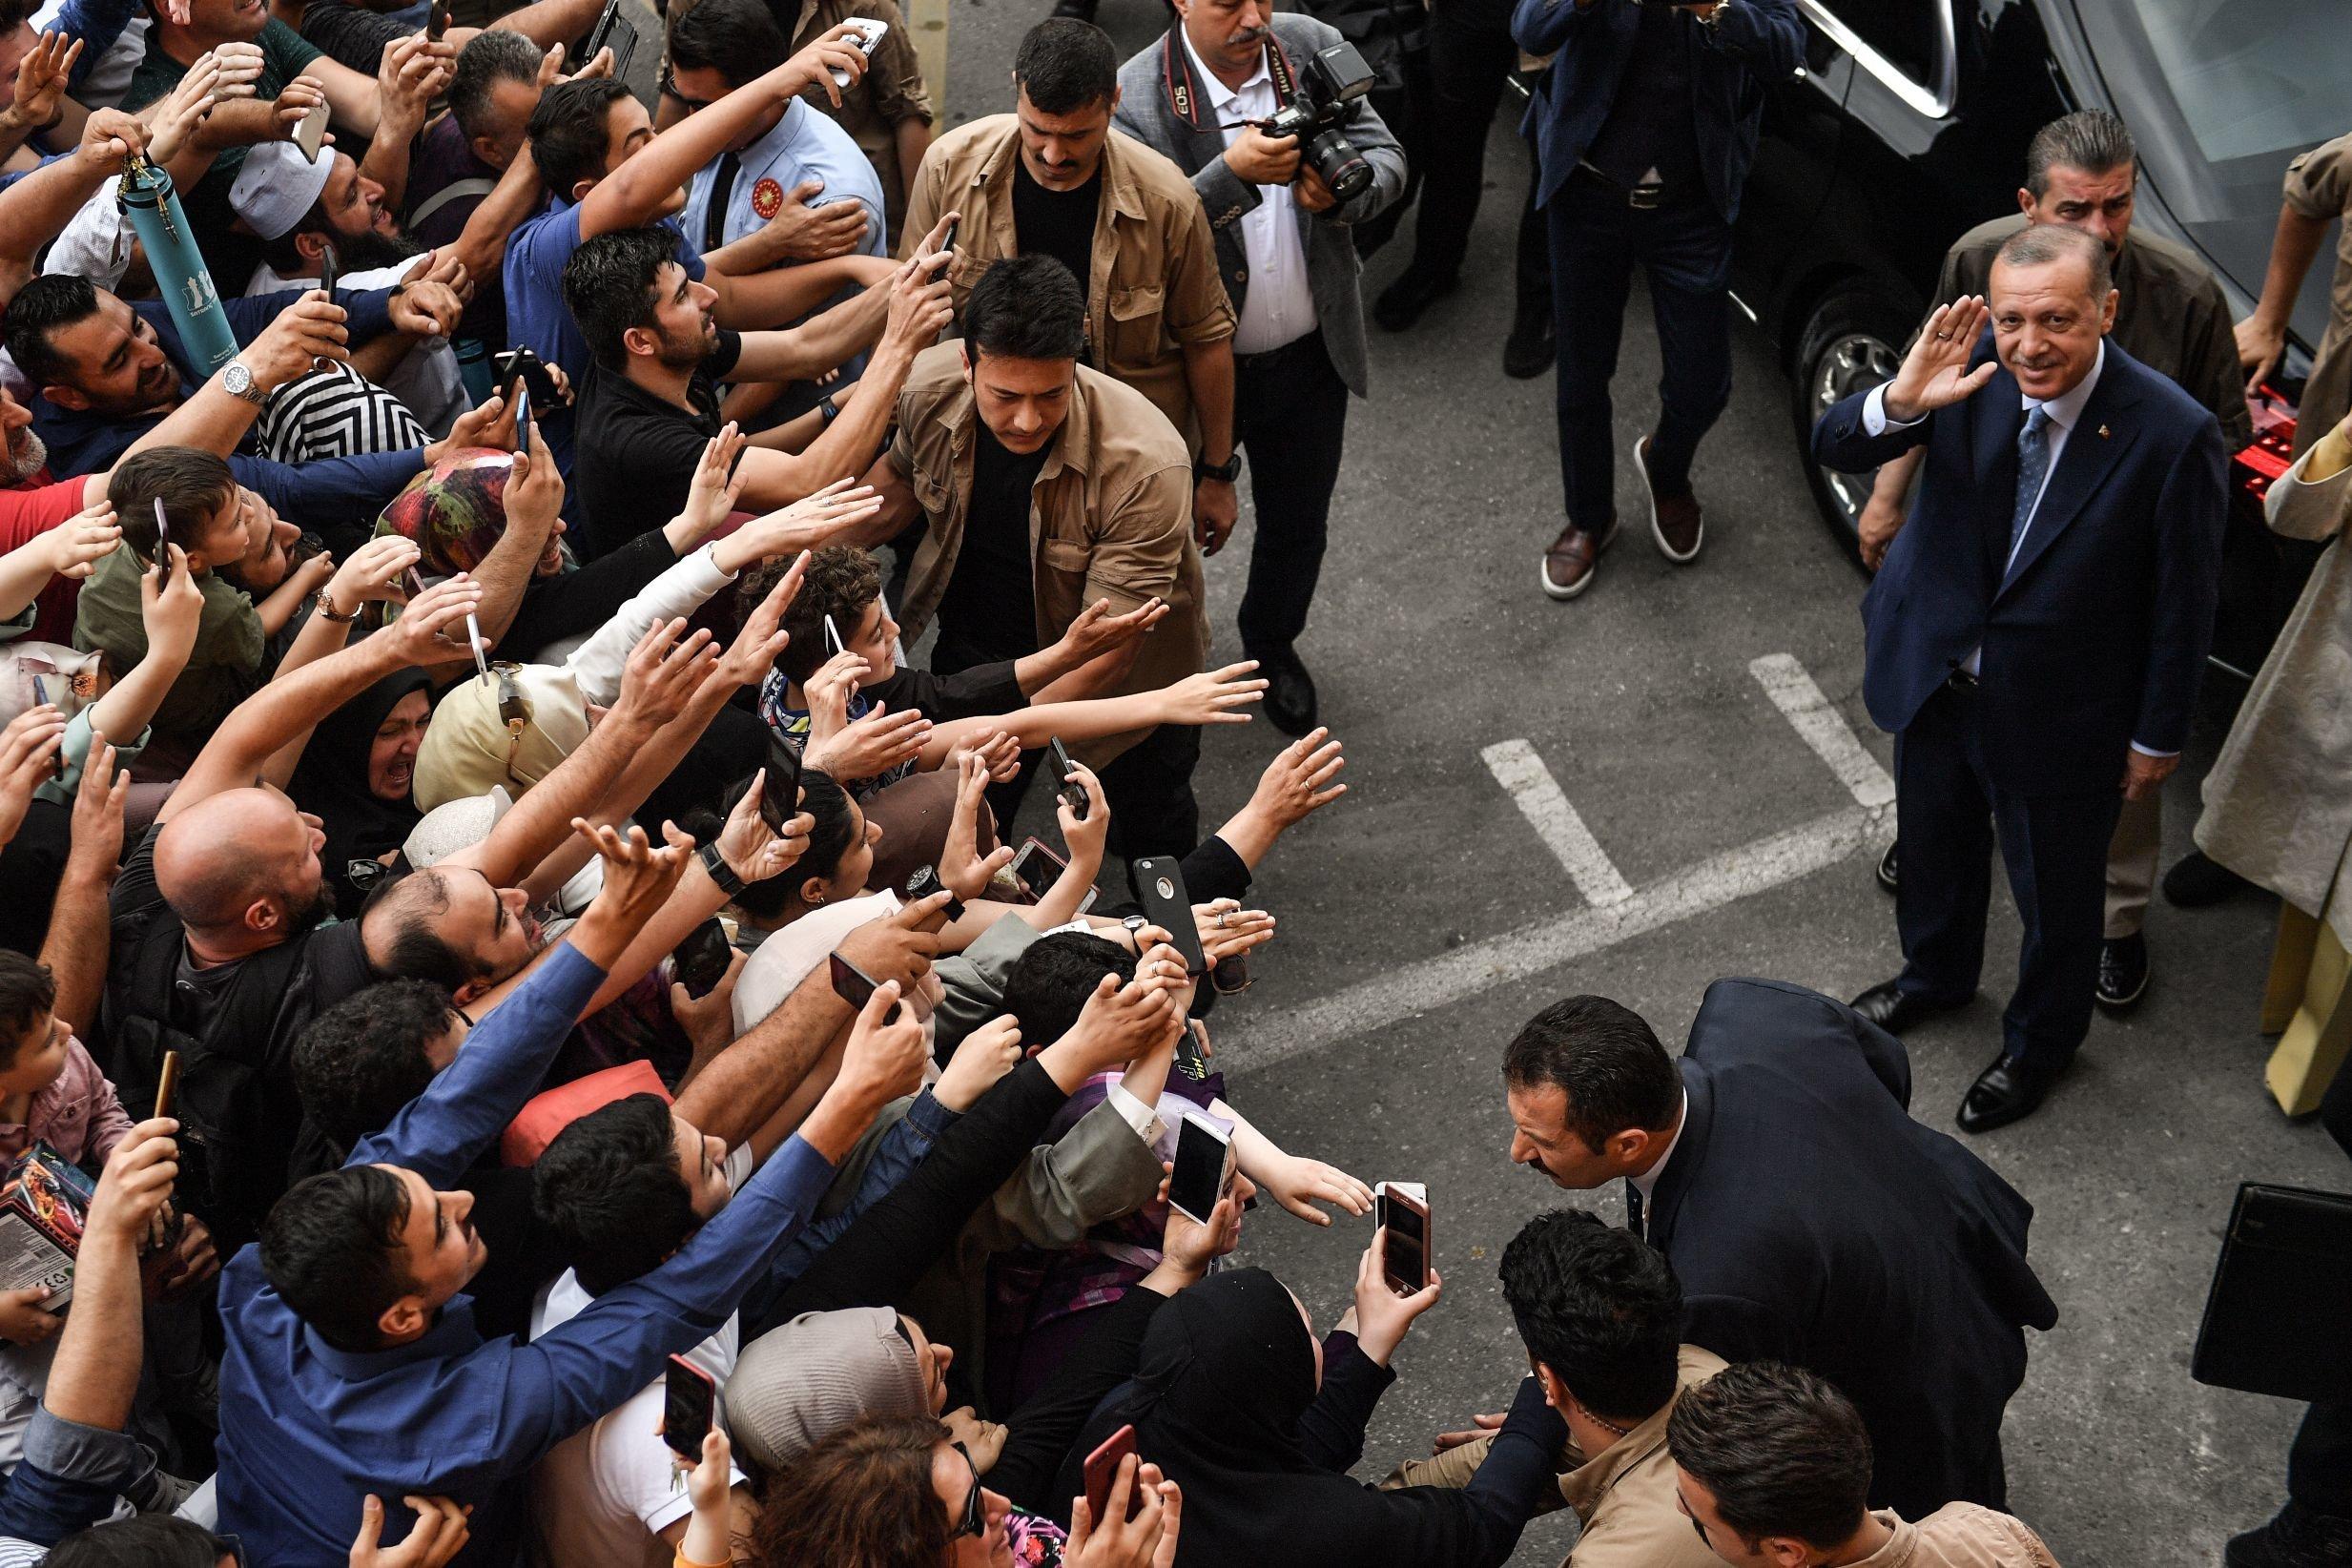 Ο Ερντογάν μιλά για νίκη, η αντιπολίτευση για παραποίηση